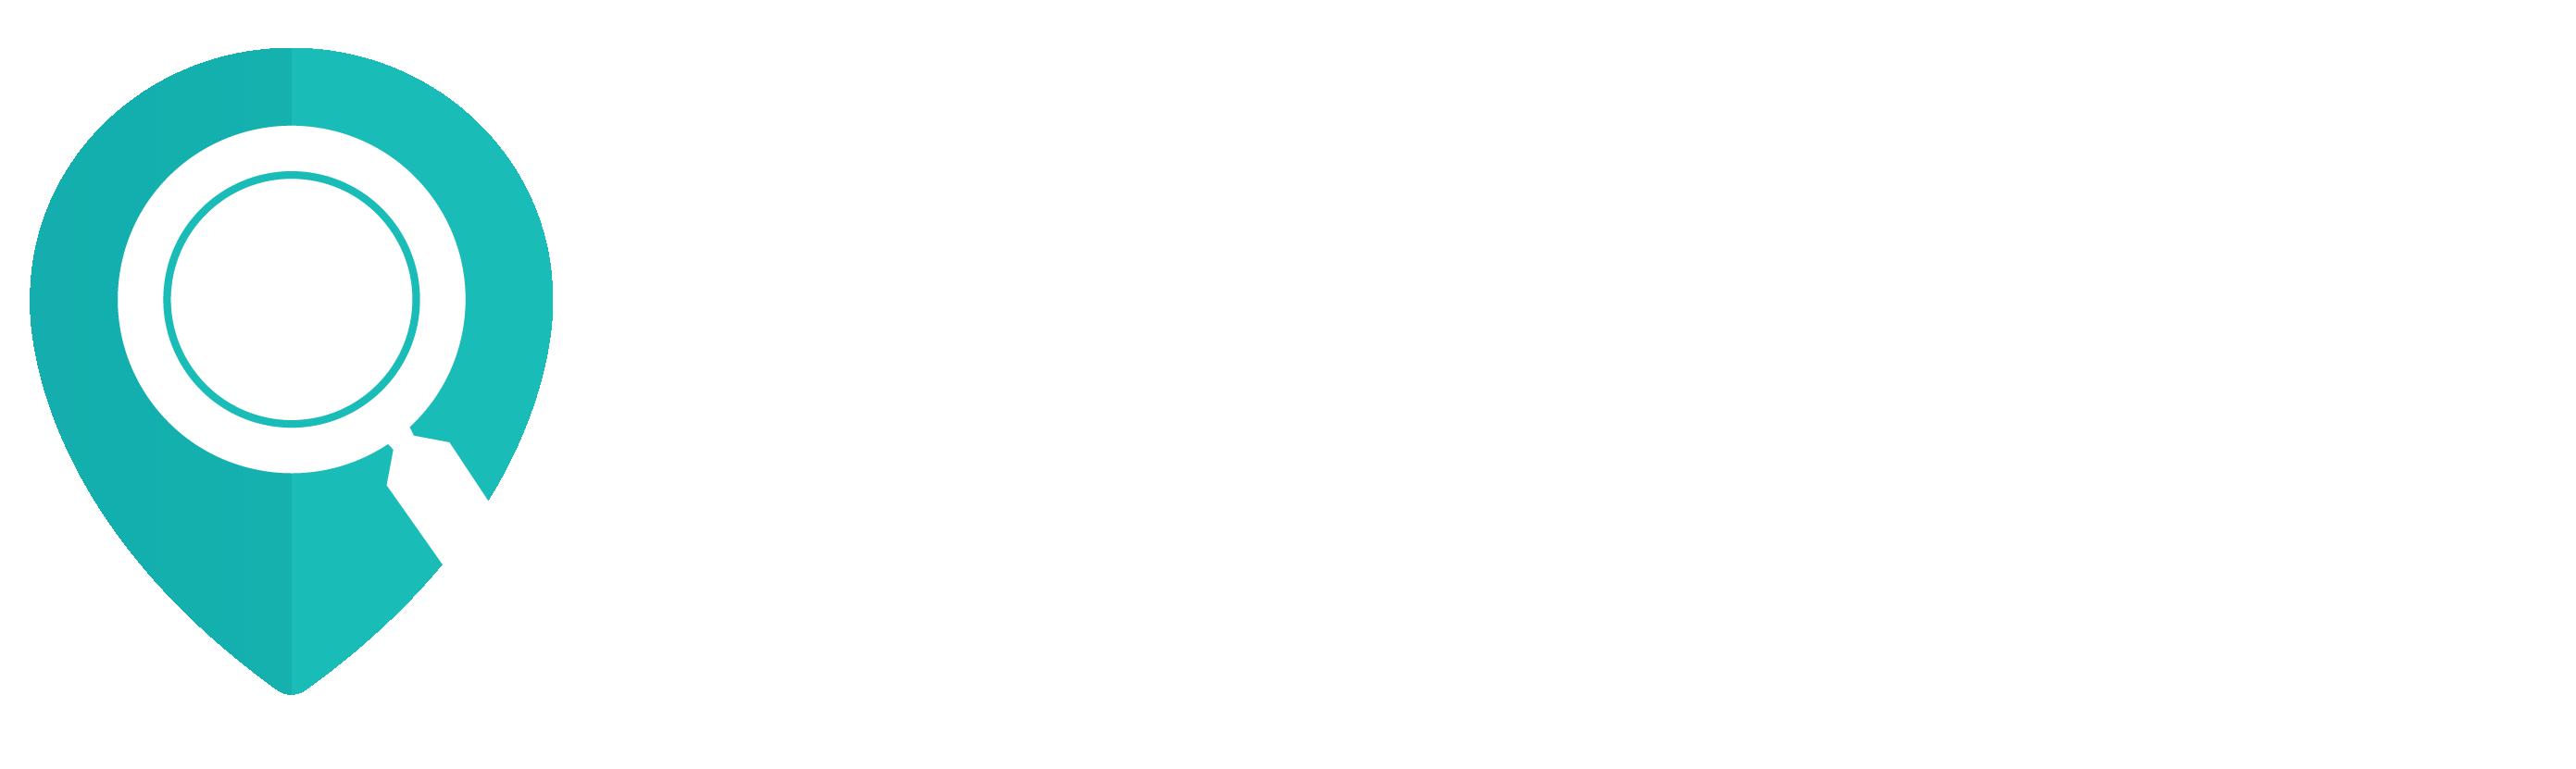 Anwaltfinden Logo - retina-weiss